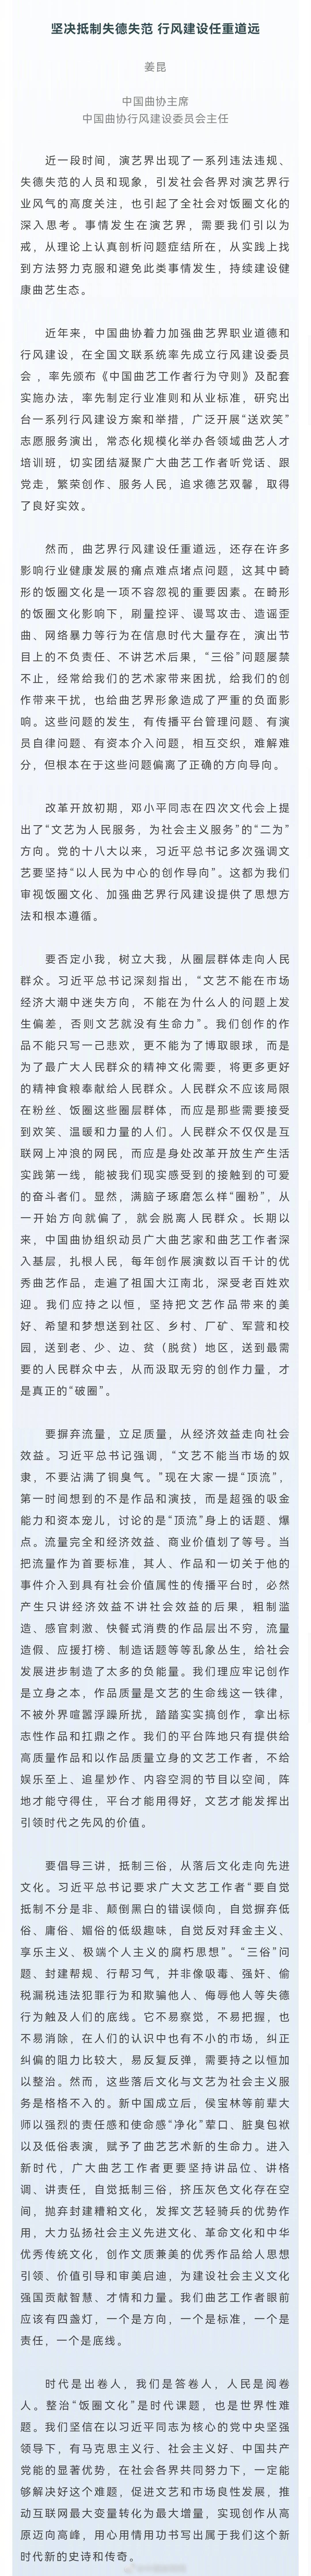 姜昆:坚决抵制失德失范 行风建设任重道远